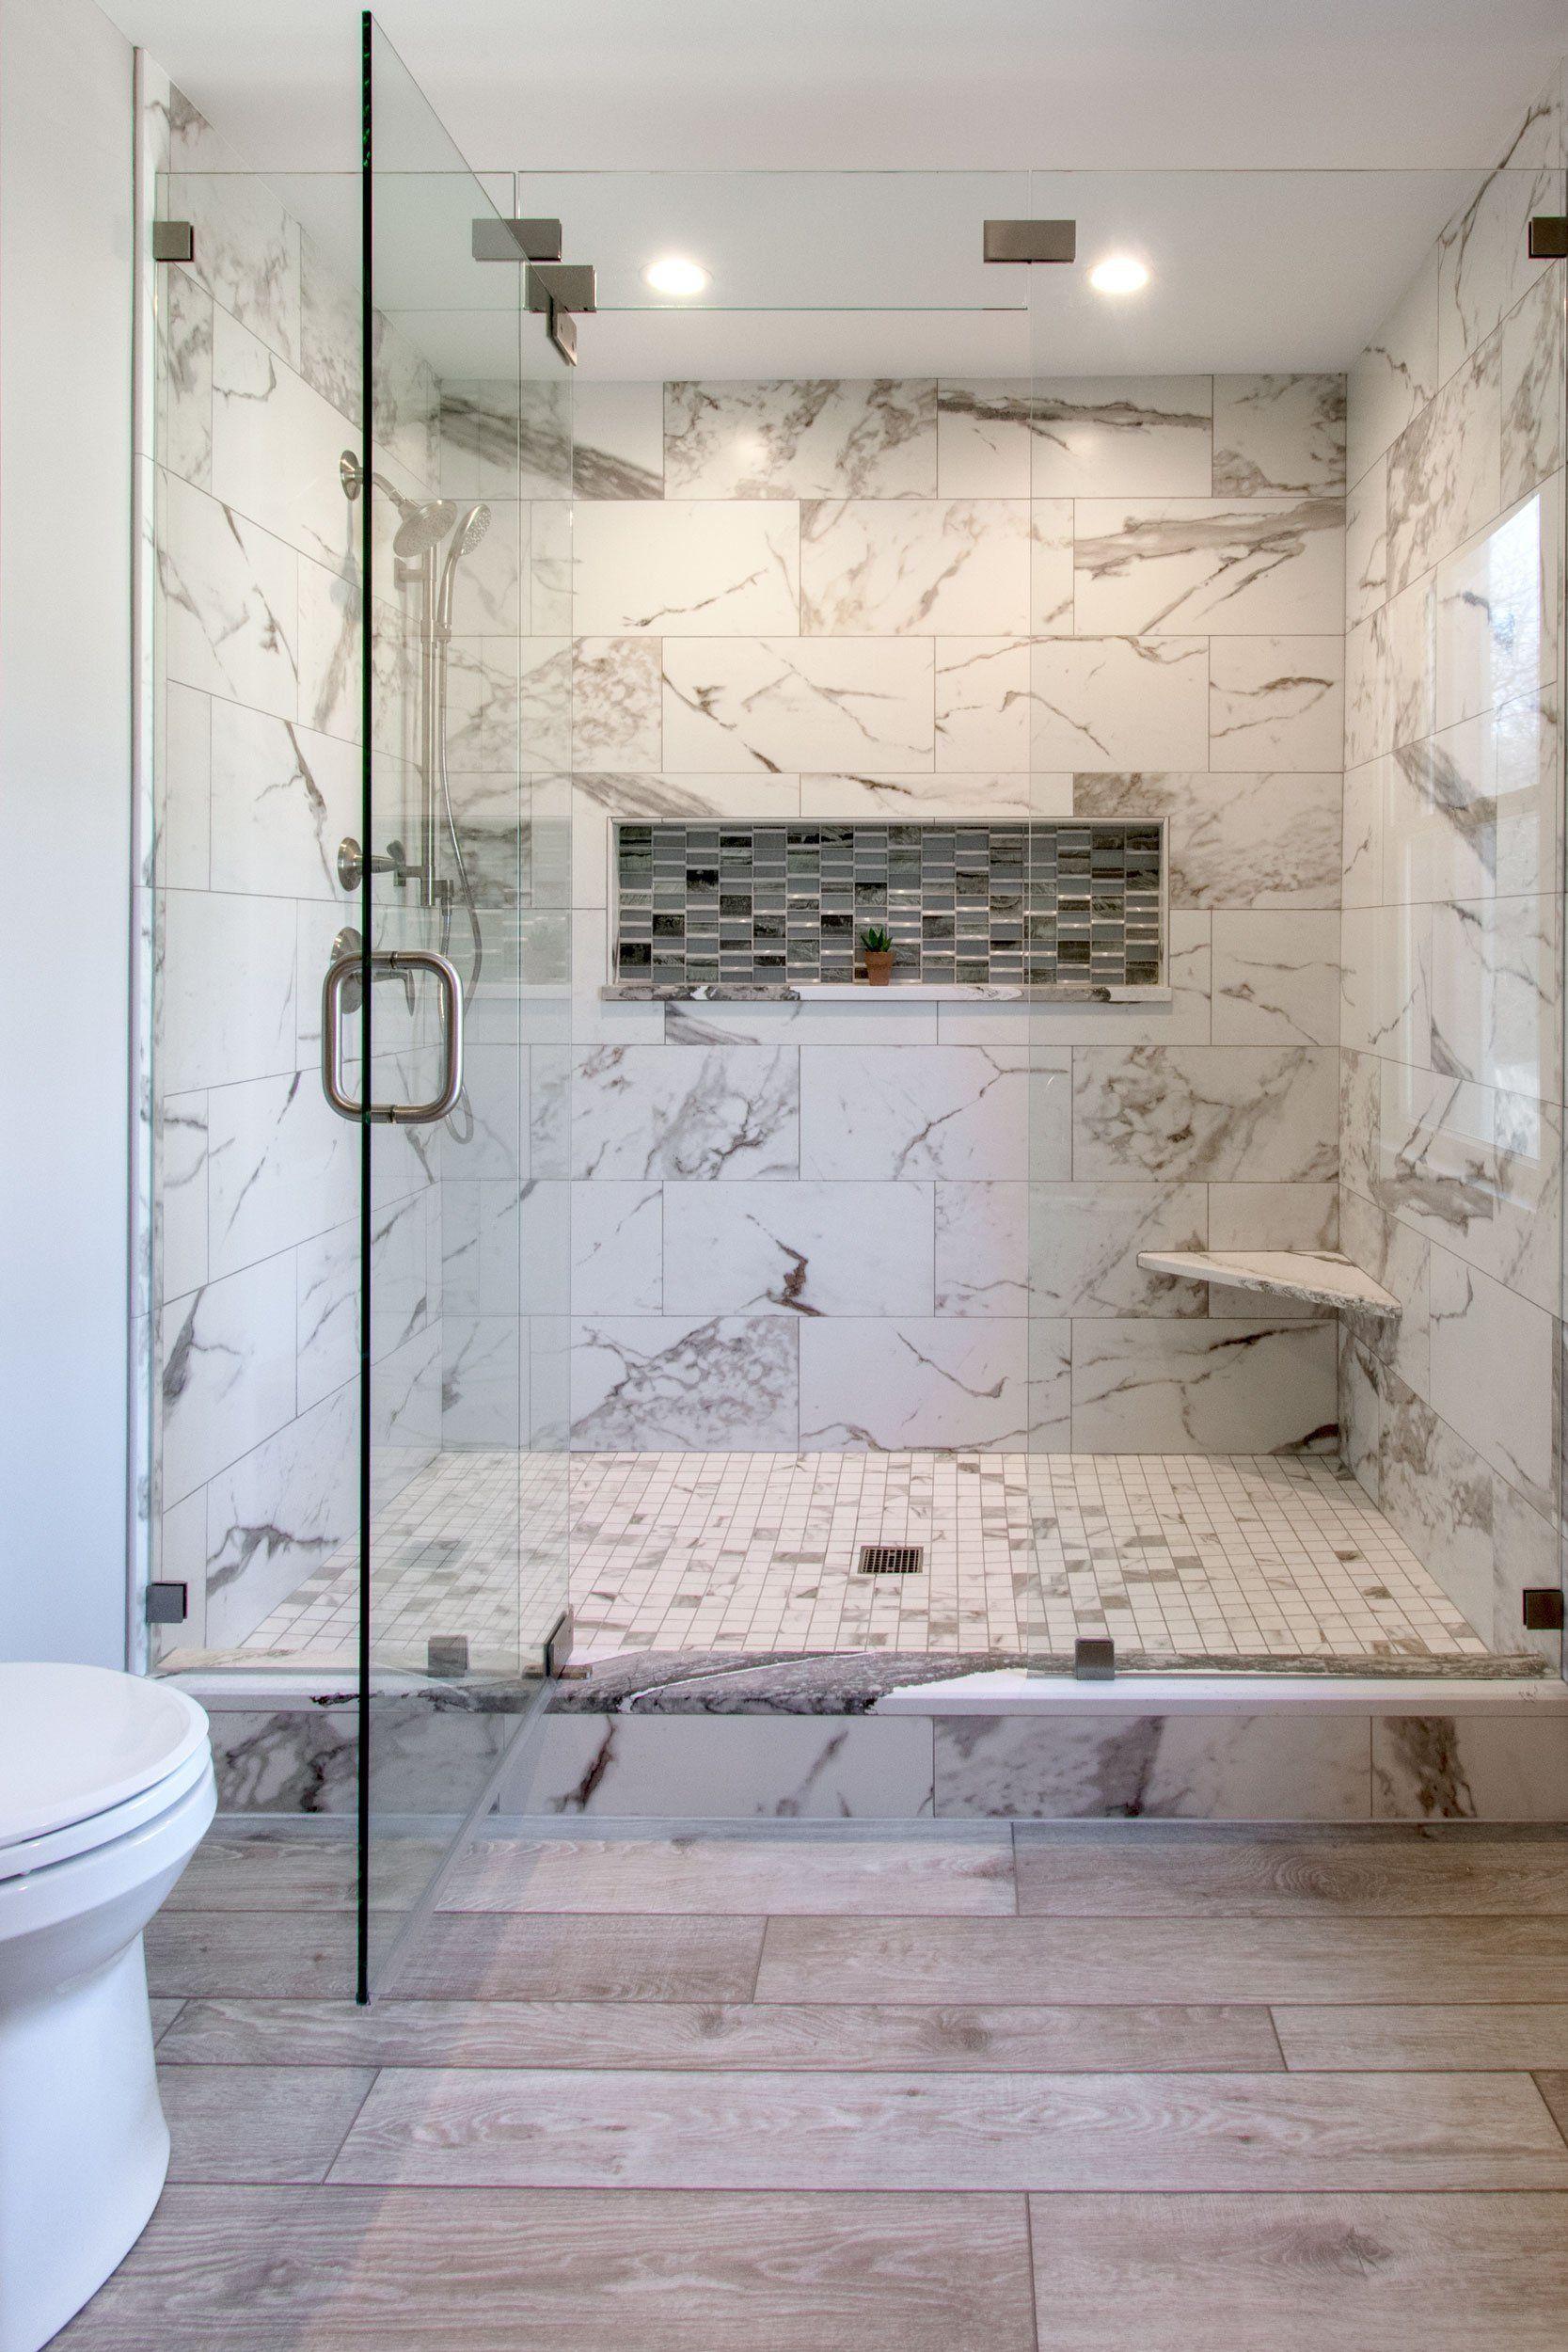 Pin By Mooka On Bathrooms In 2020 Alcove Bathtub Bathtub Bathroom